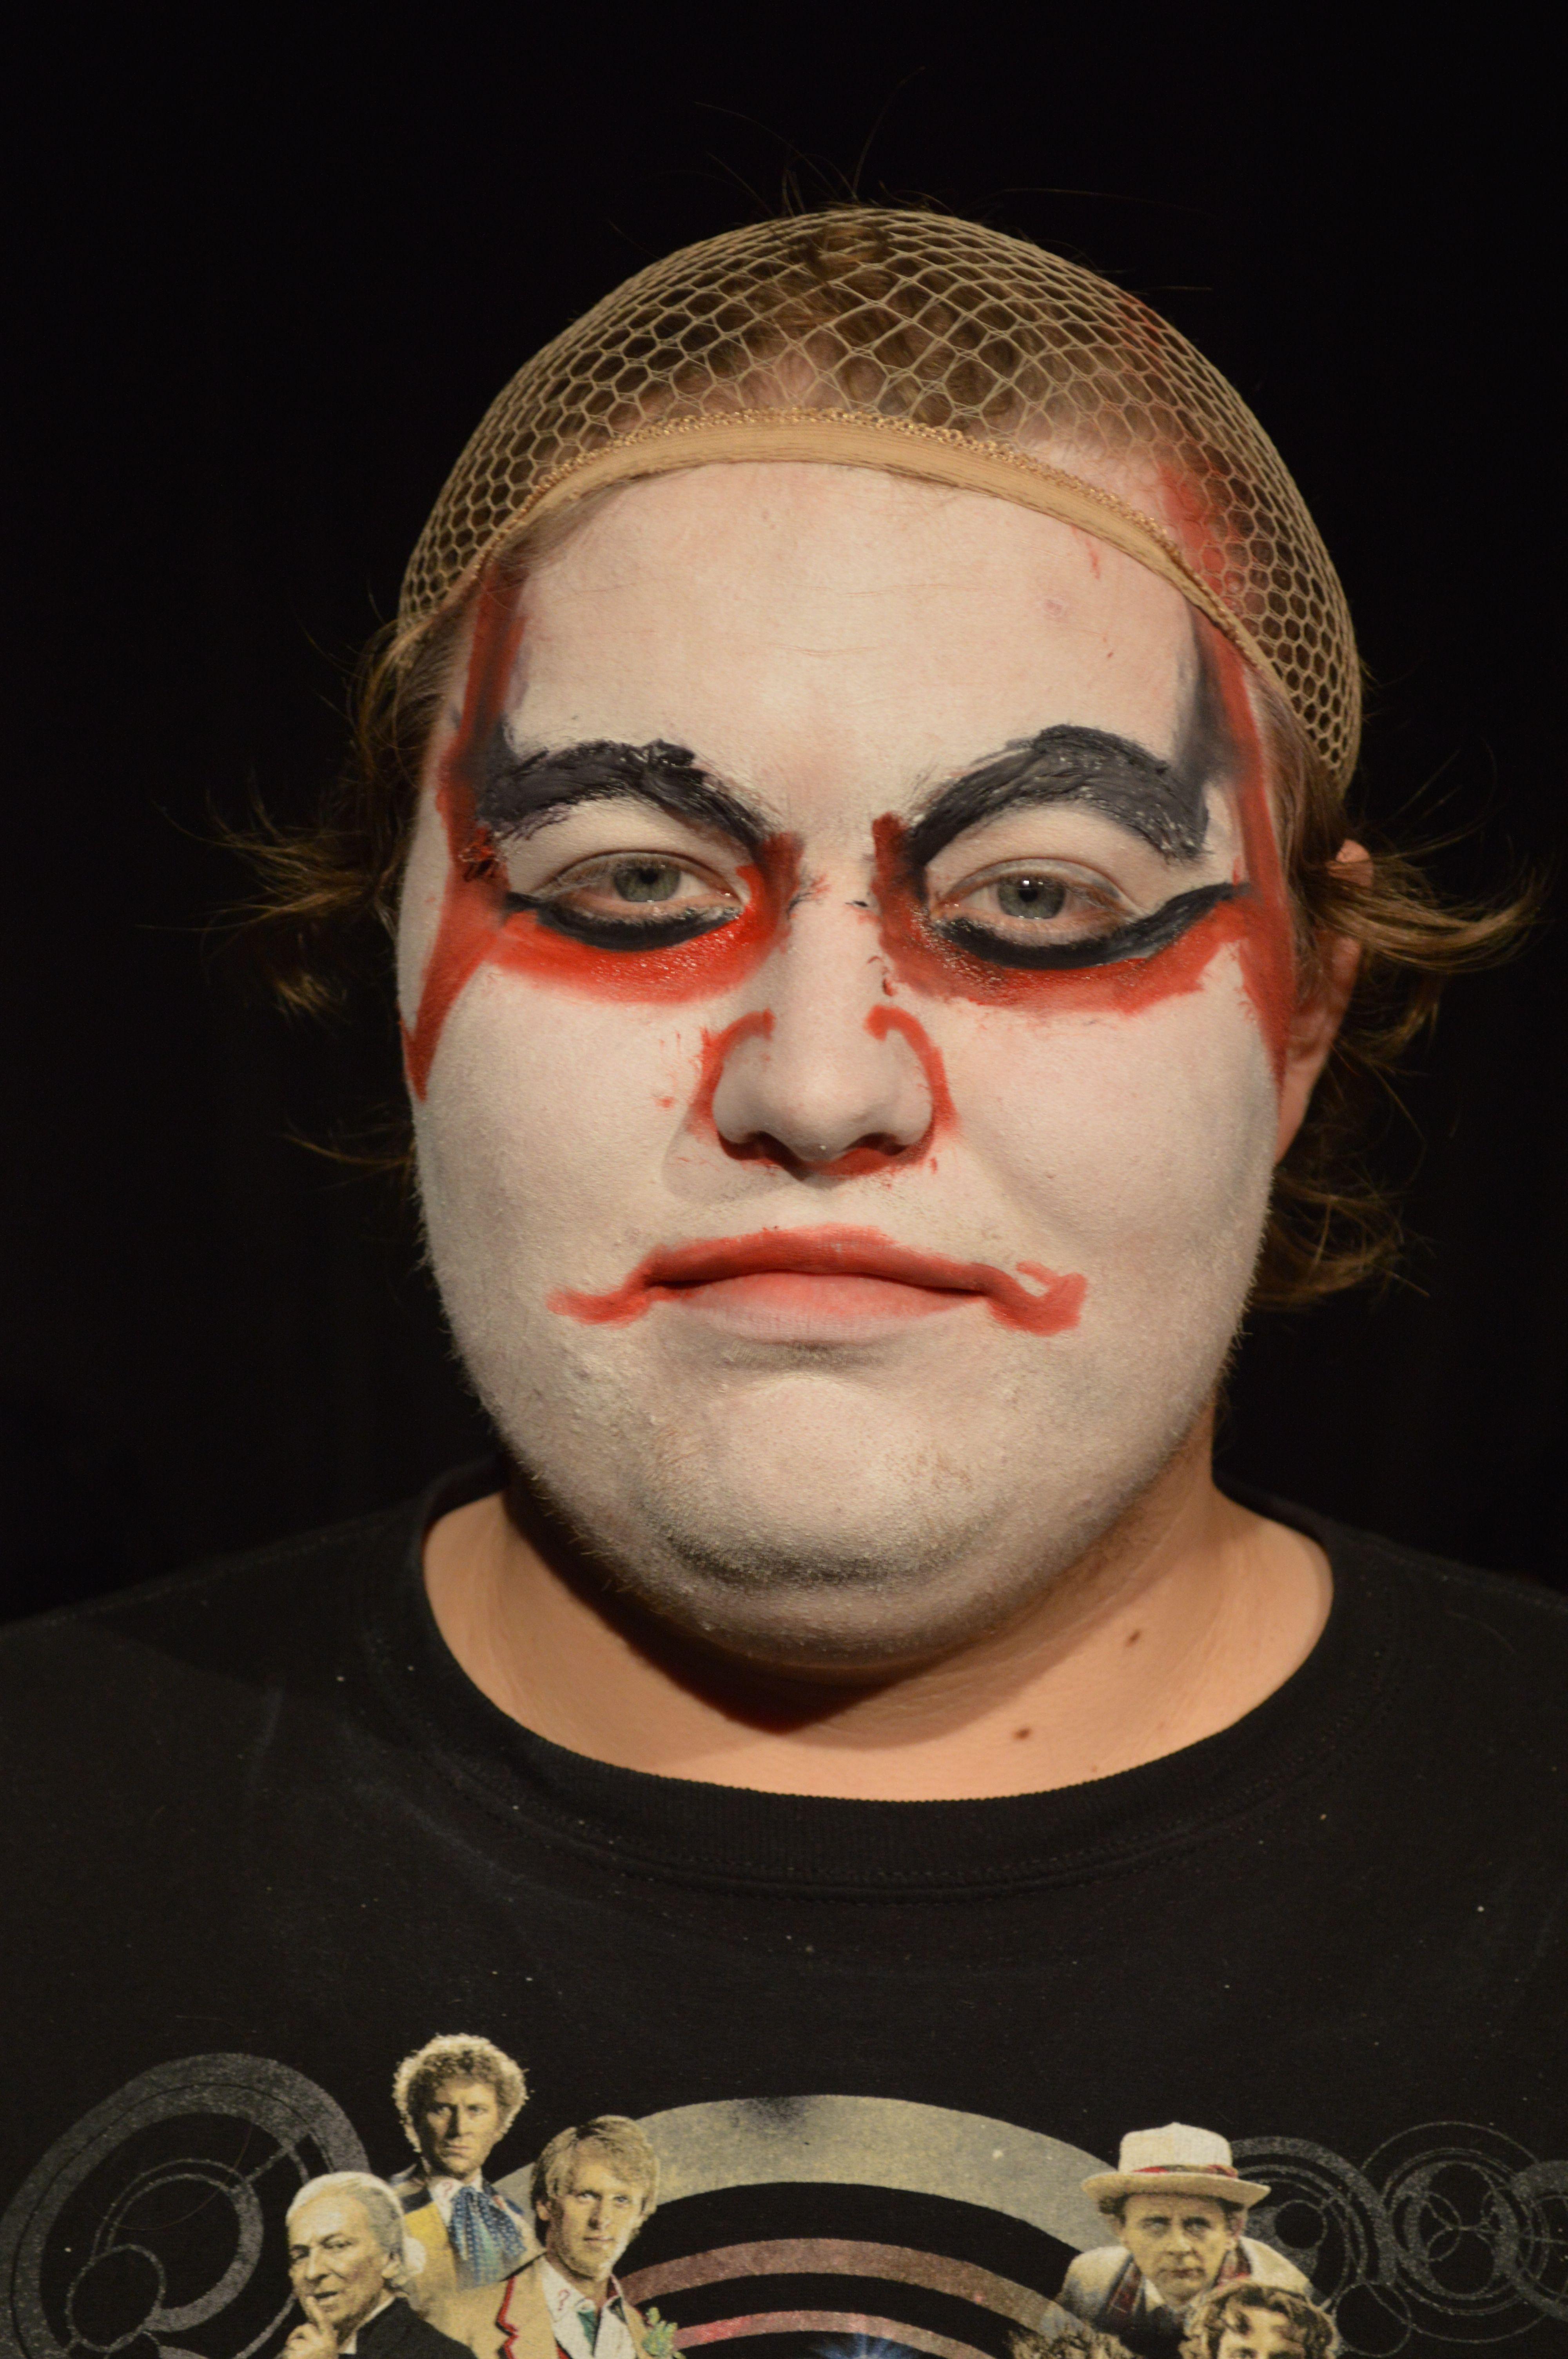 Stuart Wilke Kabuki Makeup Project Photograph Board 20 Kabuki - Kabuki-makeup